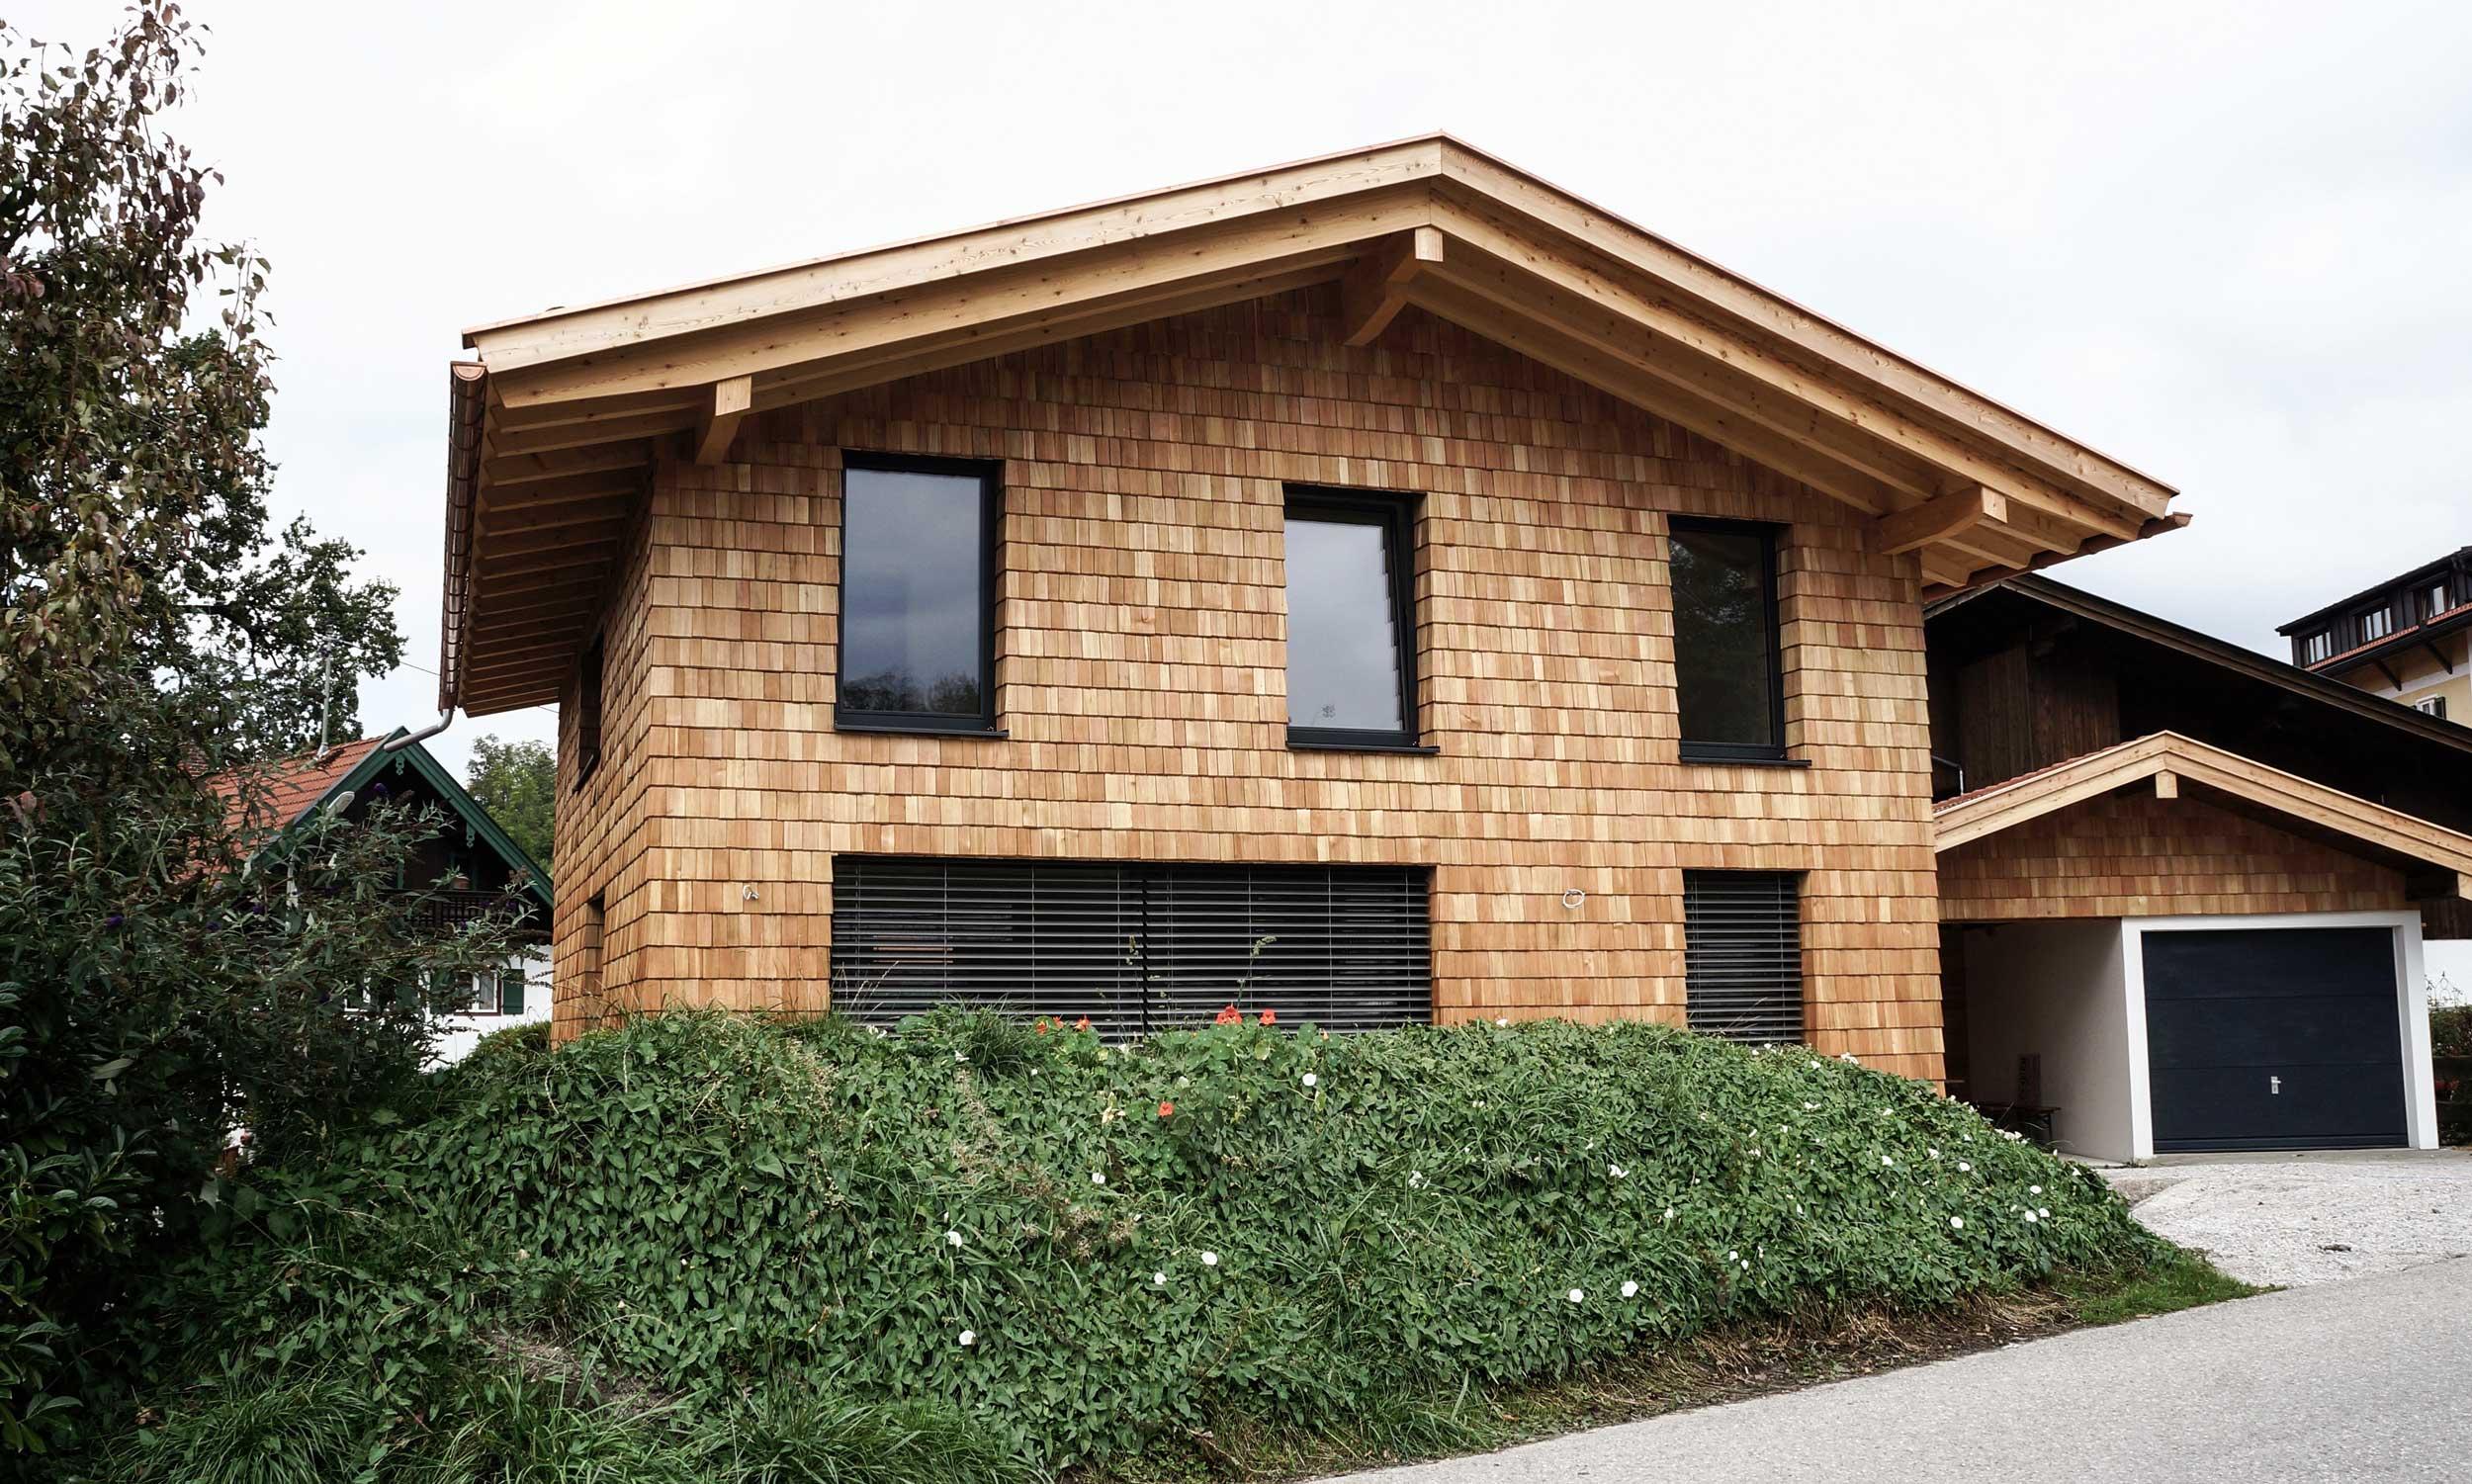 Modernes Einfamilienhaus in Massivholzbauweise mit Schindelfassade